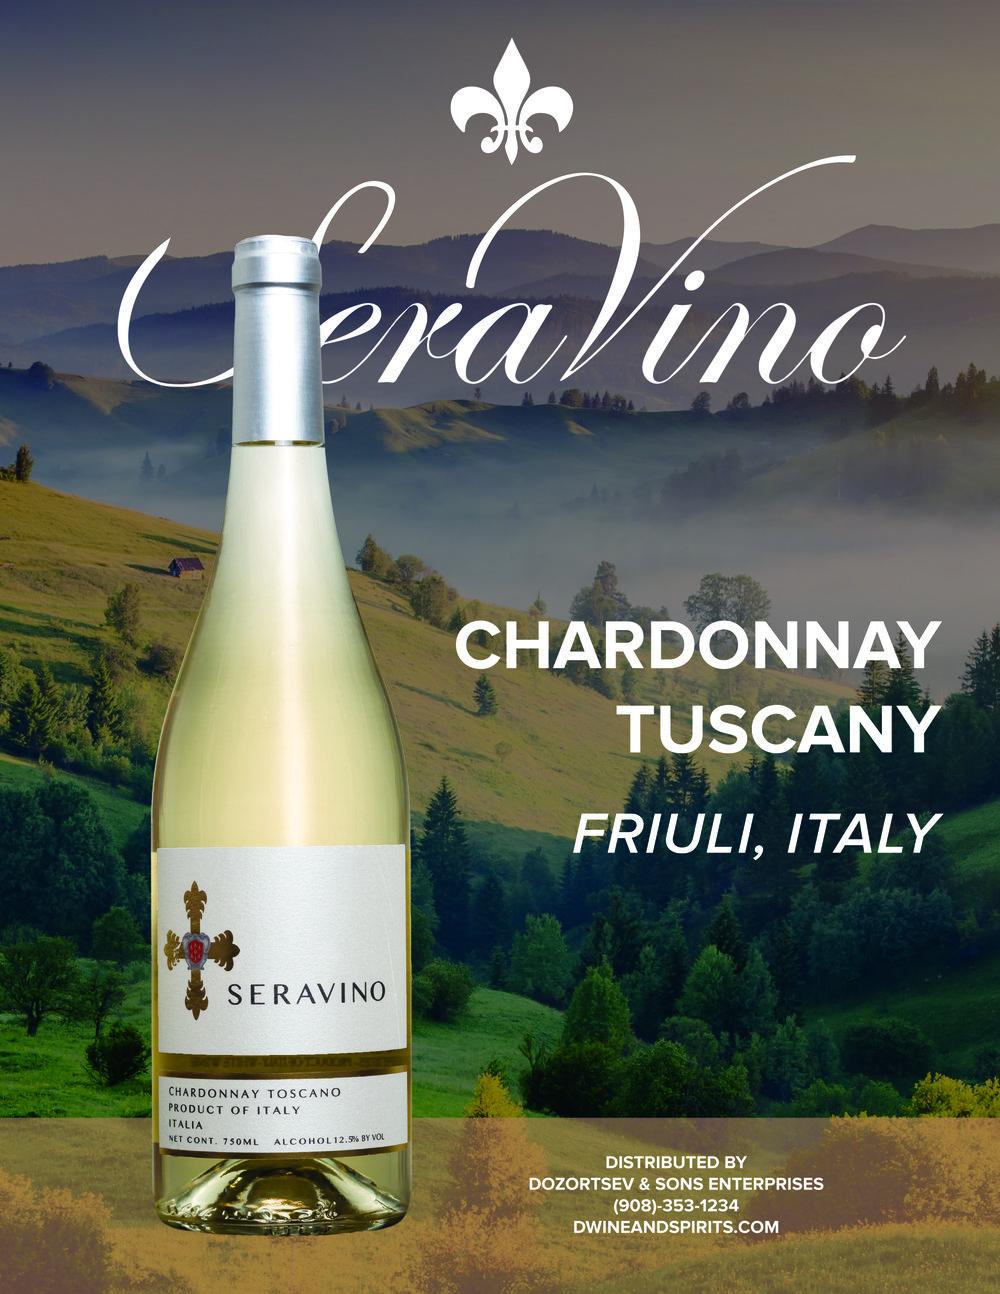 ChardonnayTuscany.jpg